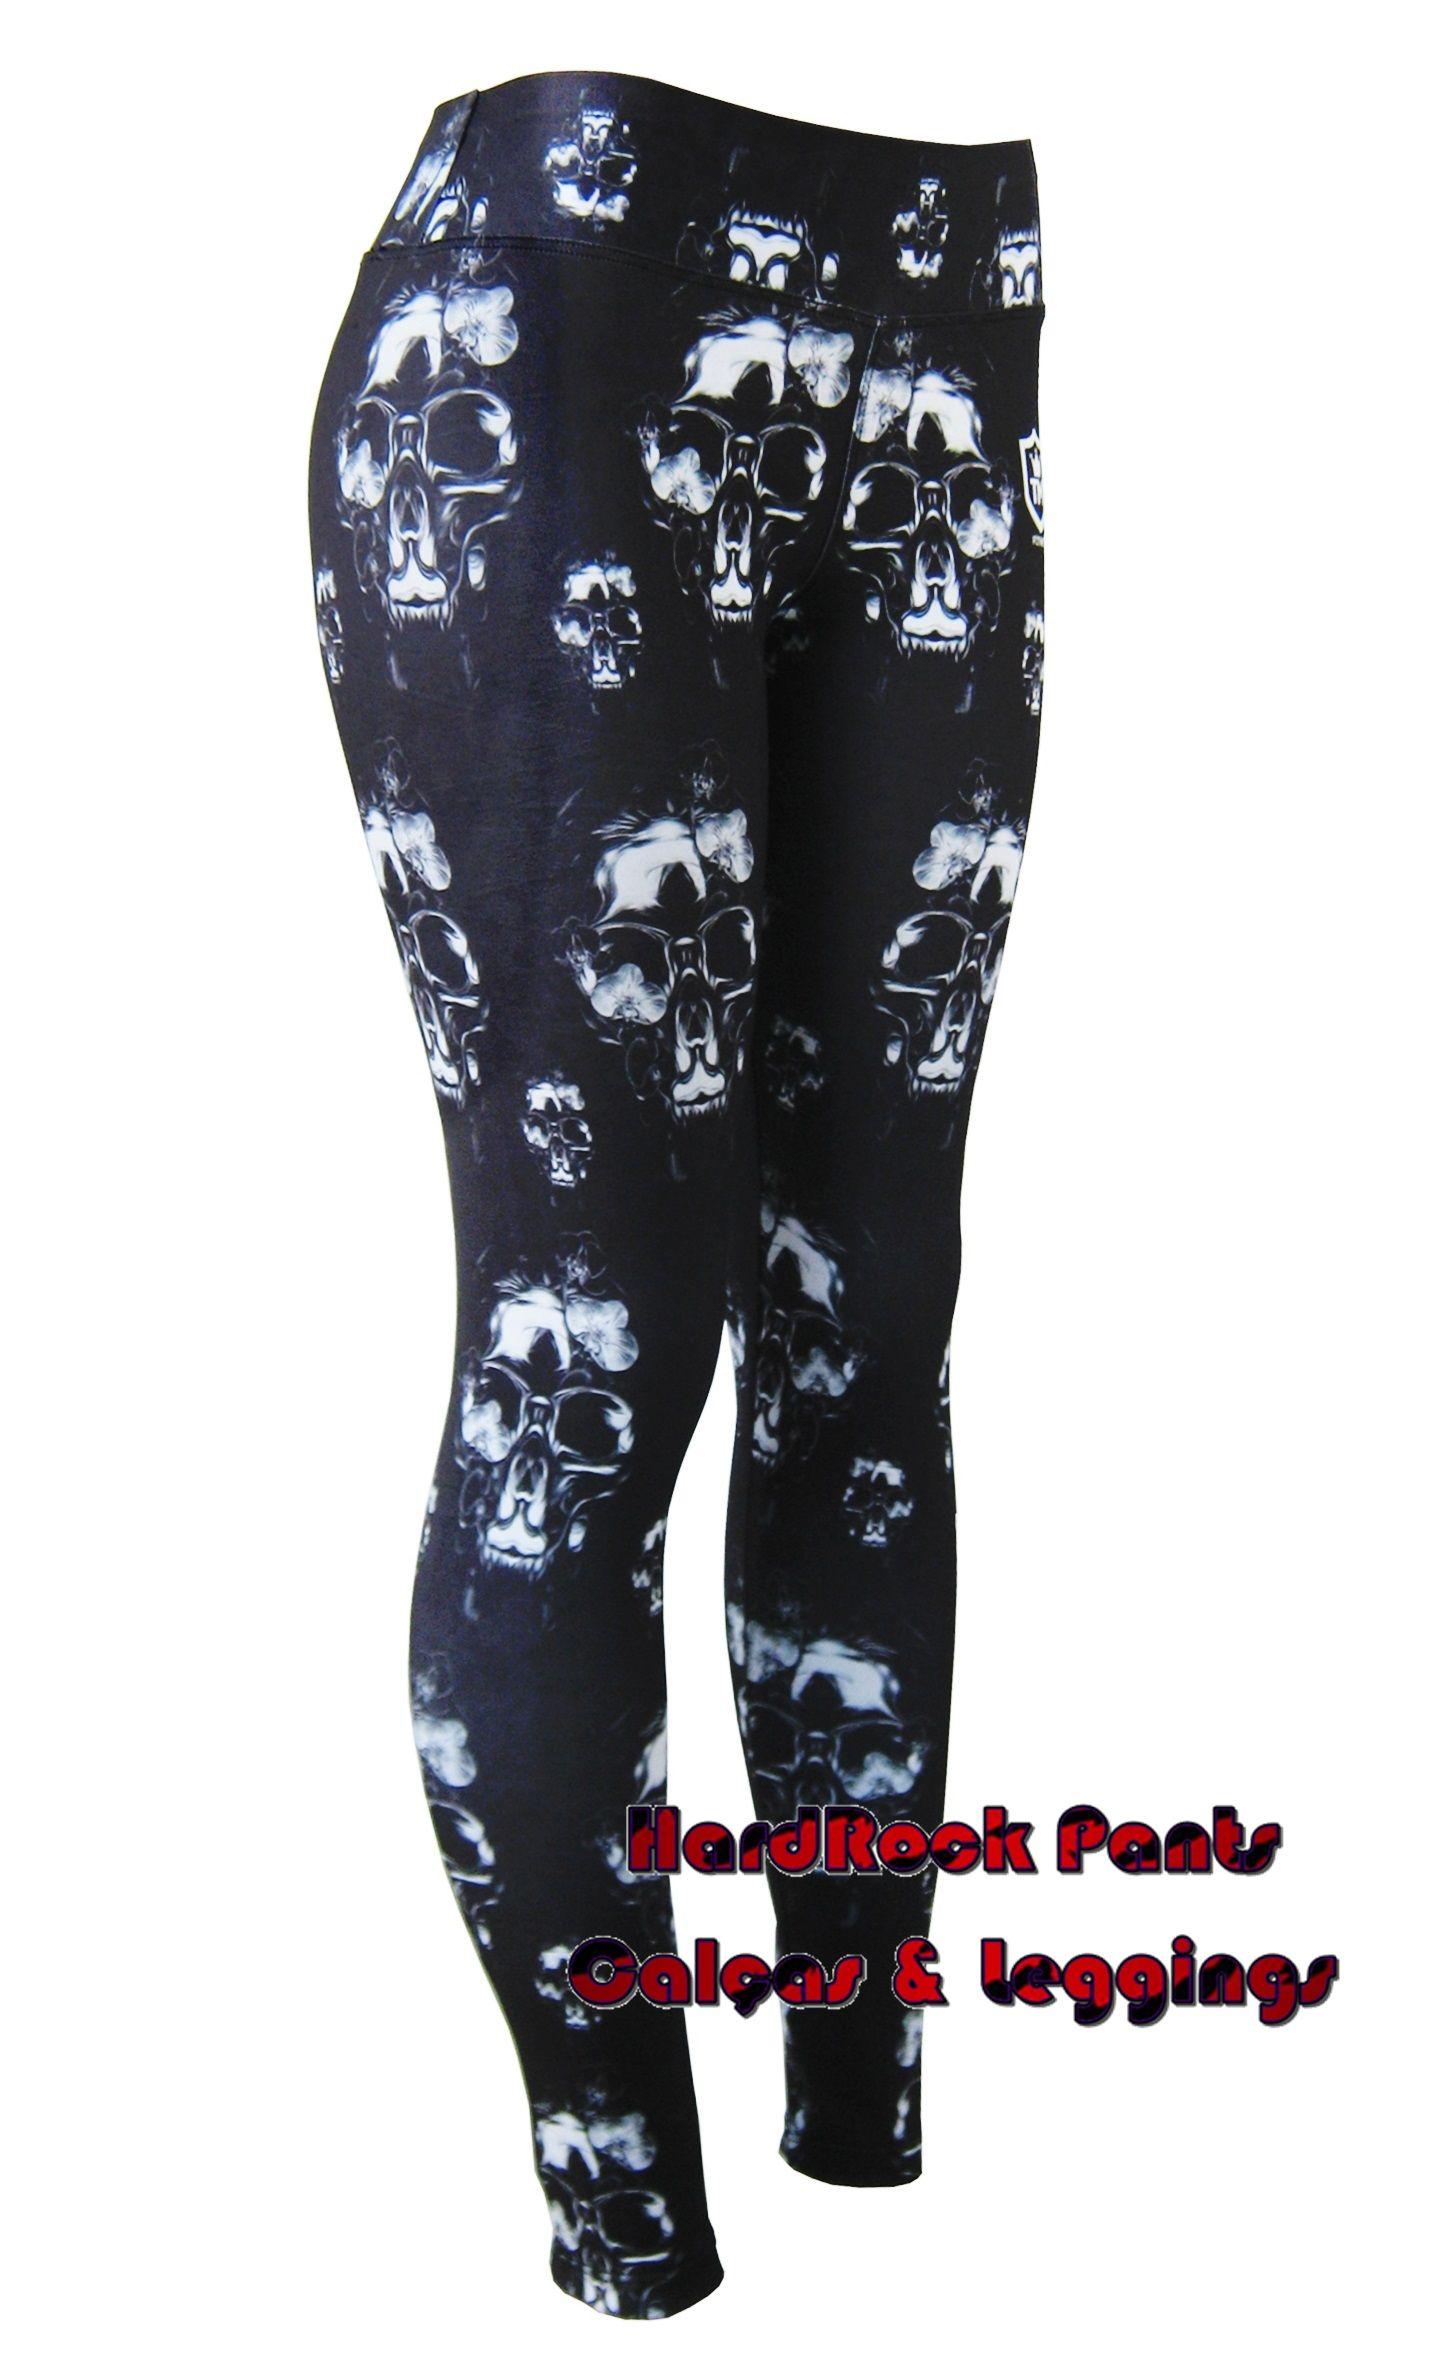 835c3f766 Calça Legging Estampa Caveira Hippie ~ Cintura Alta  calça  legging   estampada  CinturaAlta